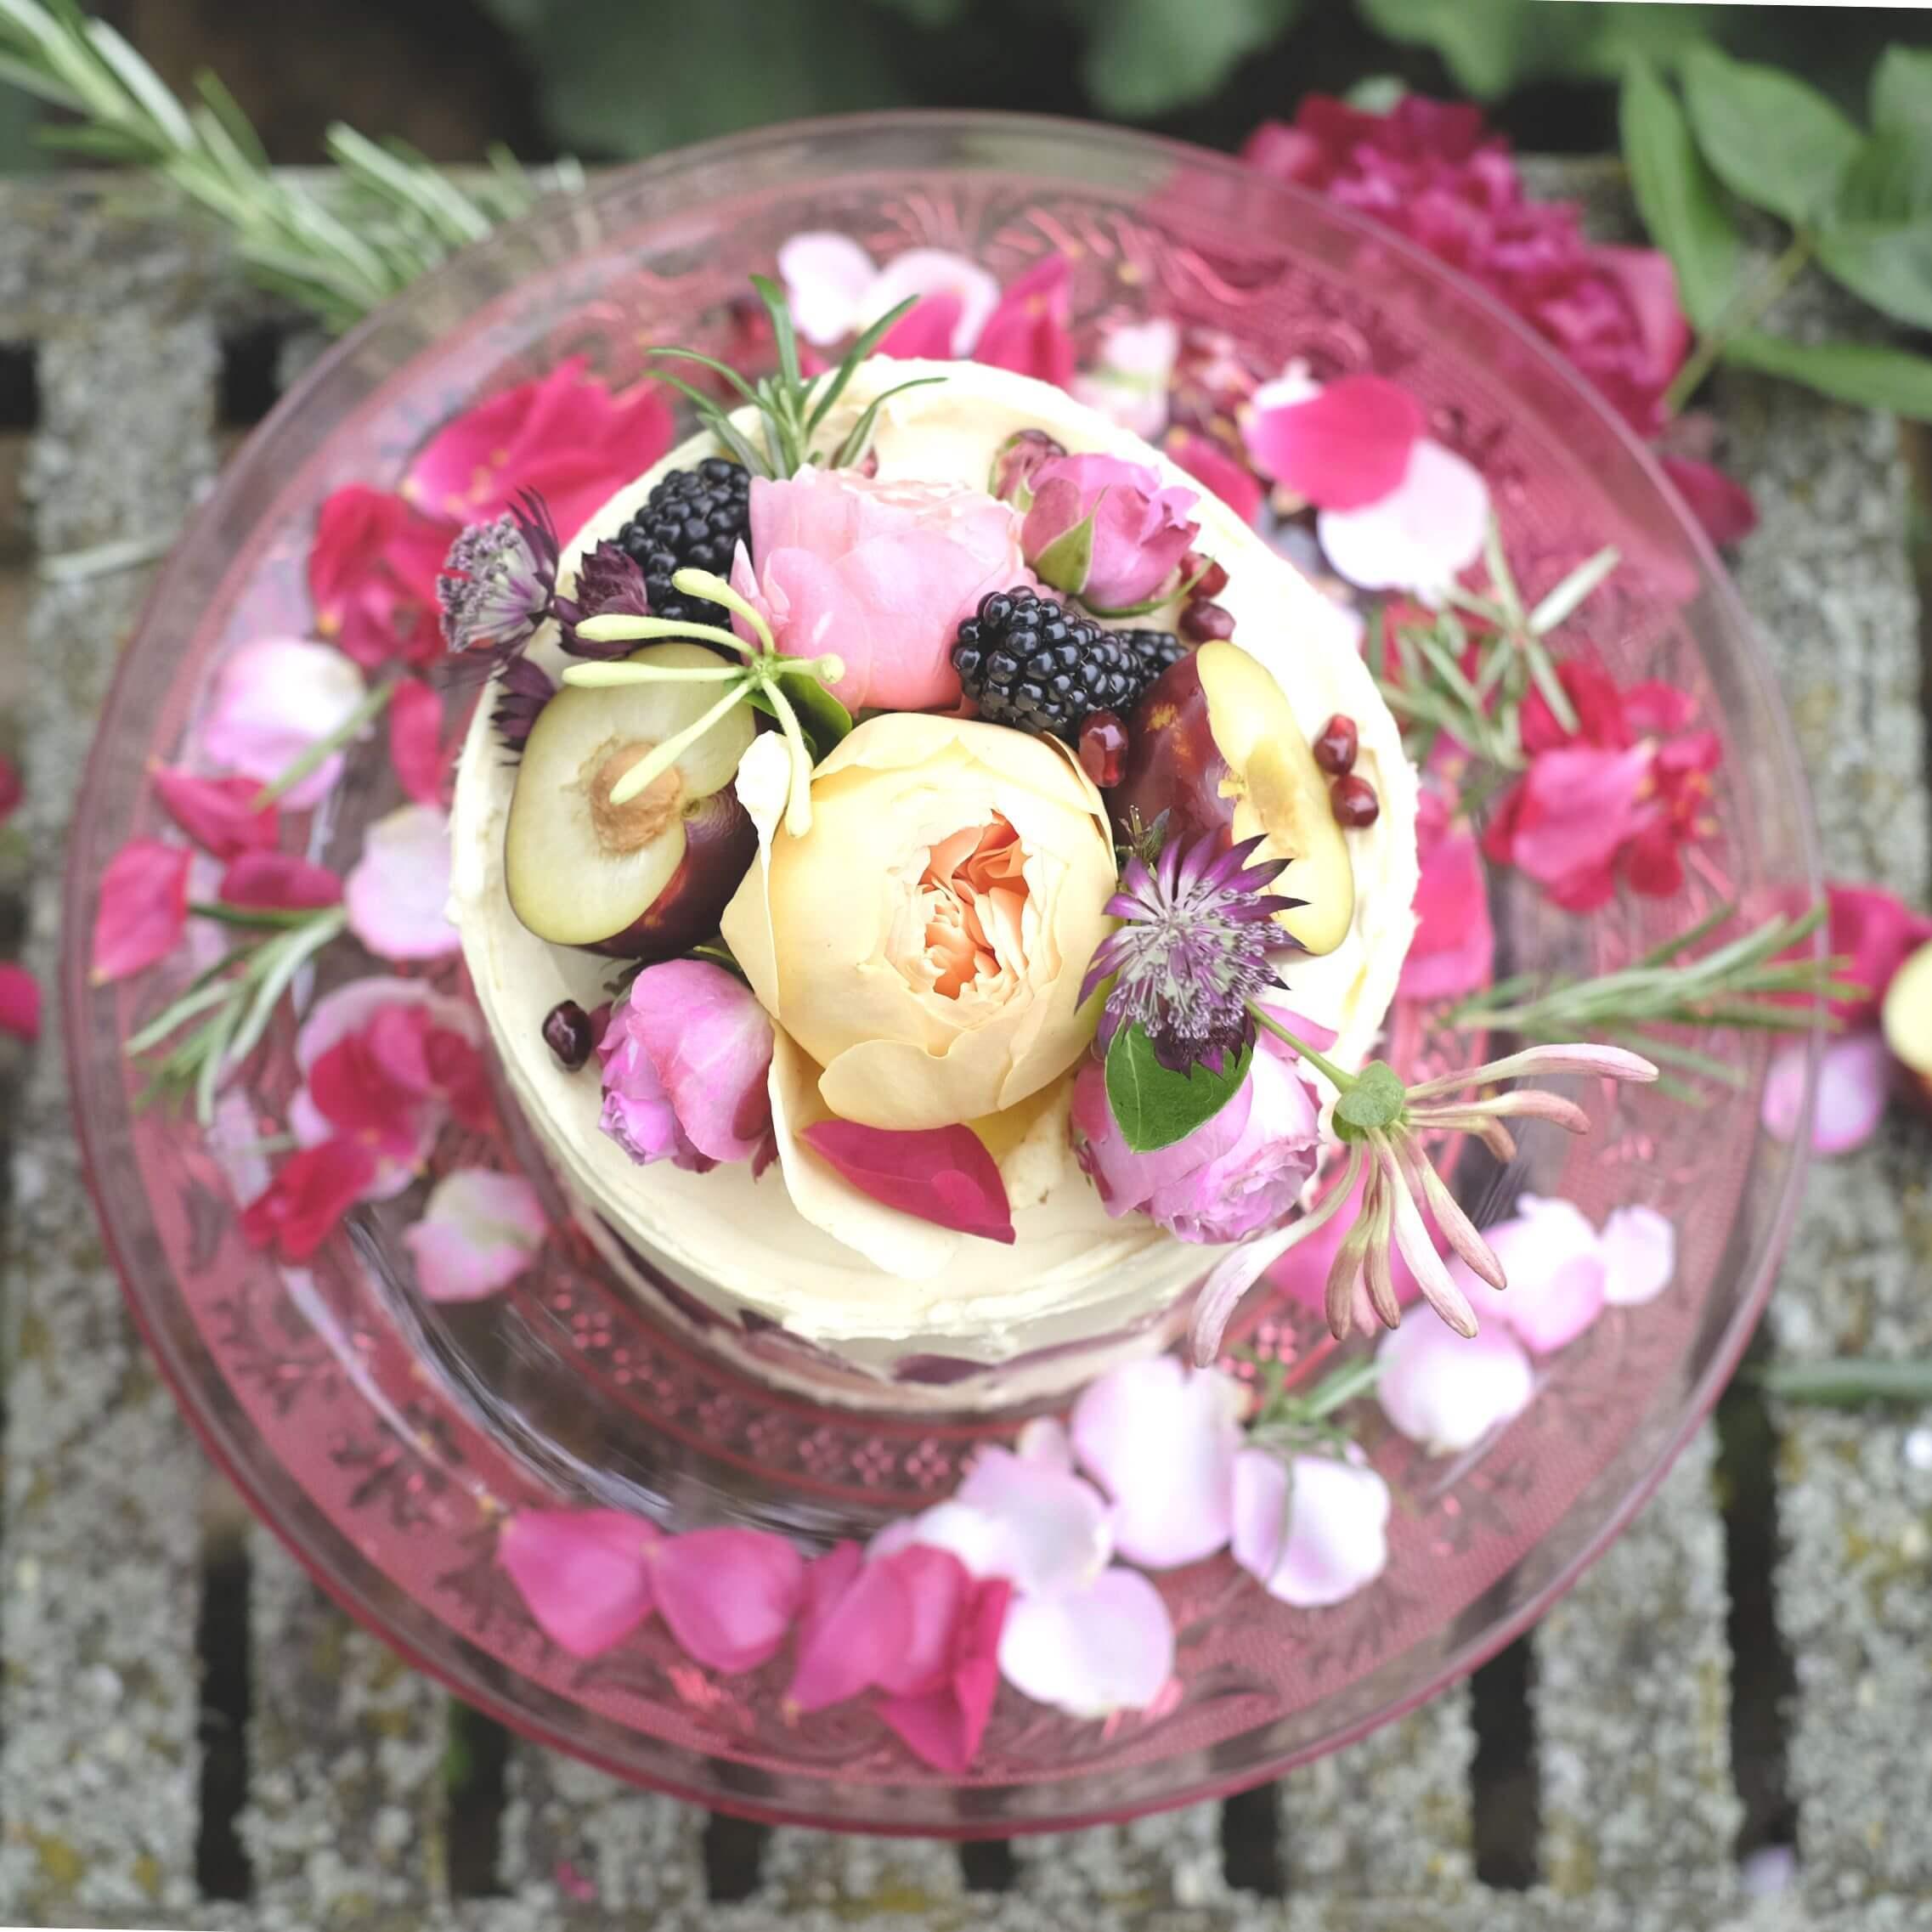 Rose, Claret & Blackberries 2